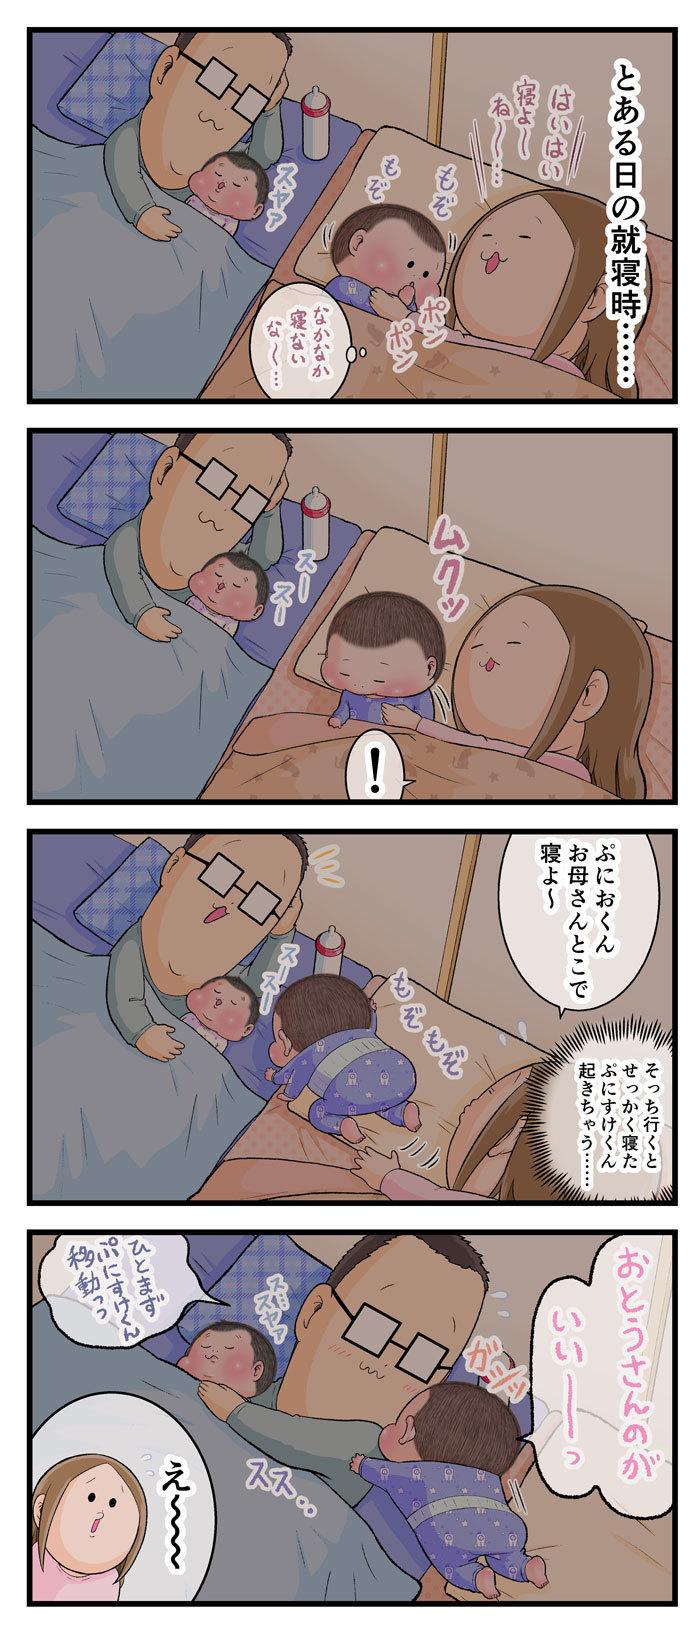 急に怖がりになった理由とは?/え、お母さんと寝ようよぉ…おすすめ記事4選の画像3